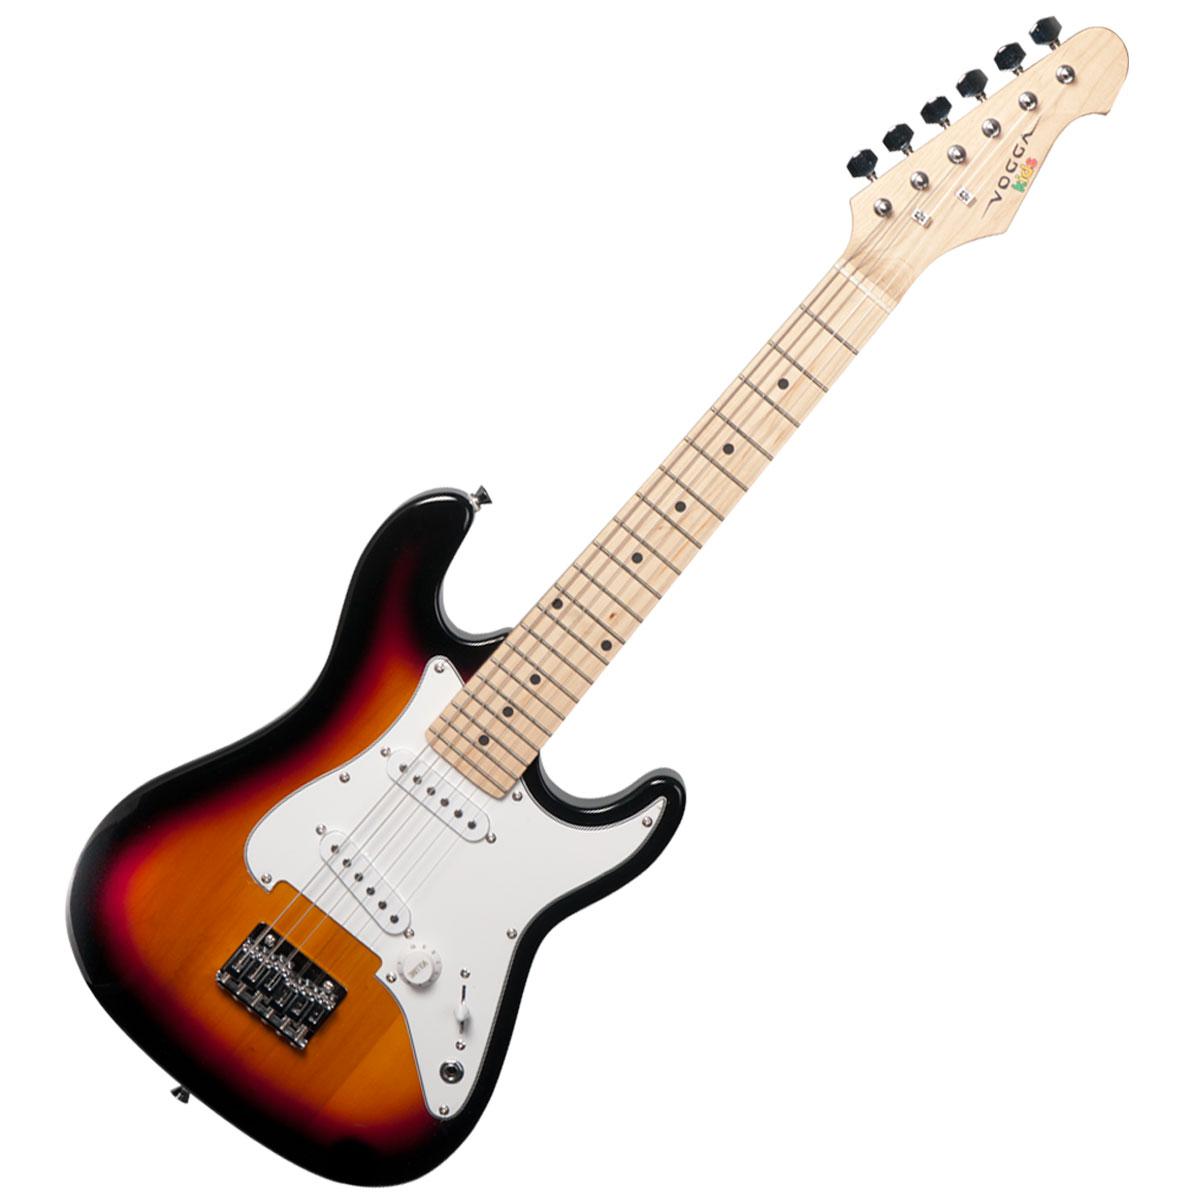 Guitarra Strato Infantil VCG120 Yellow Sunburst - Vogga